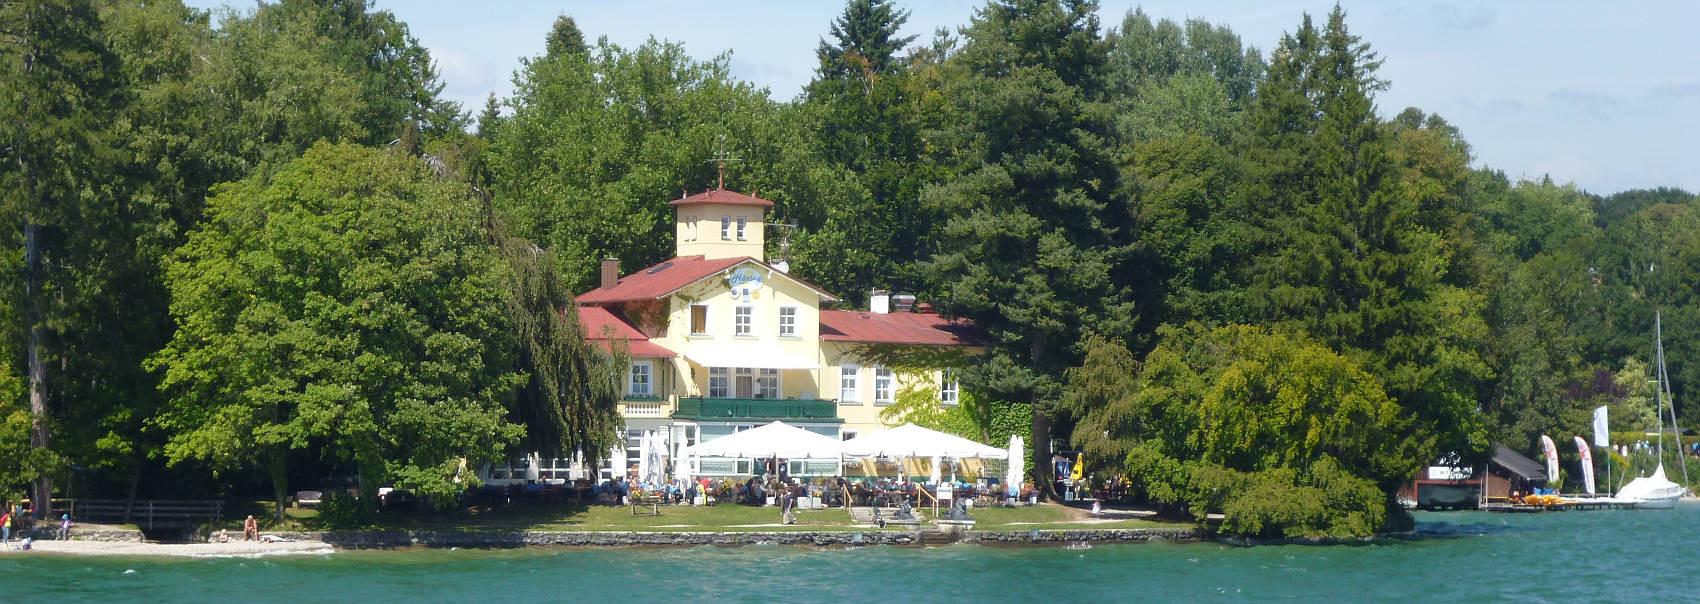 Hochzeit Starnberger See  Starnberger See Hochzeit oder Feier